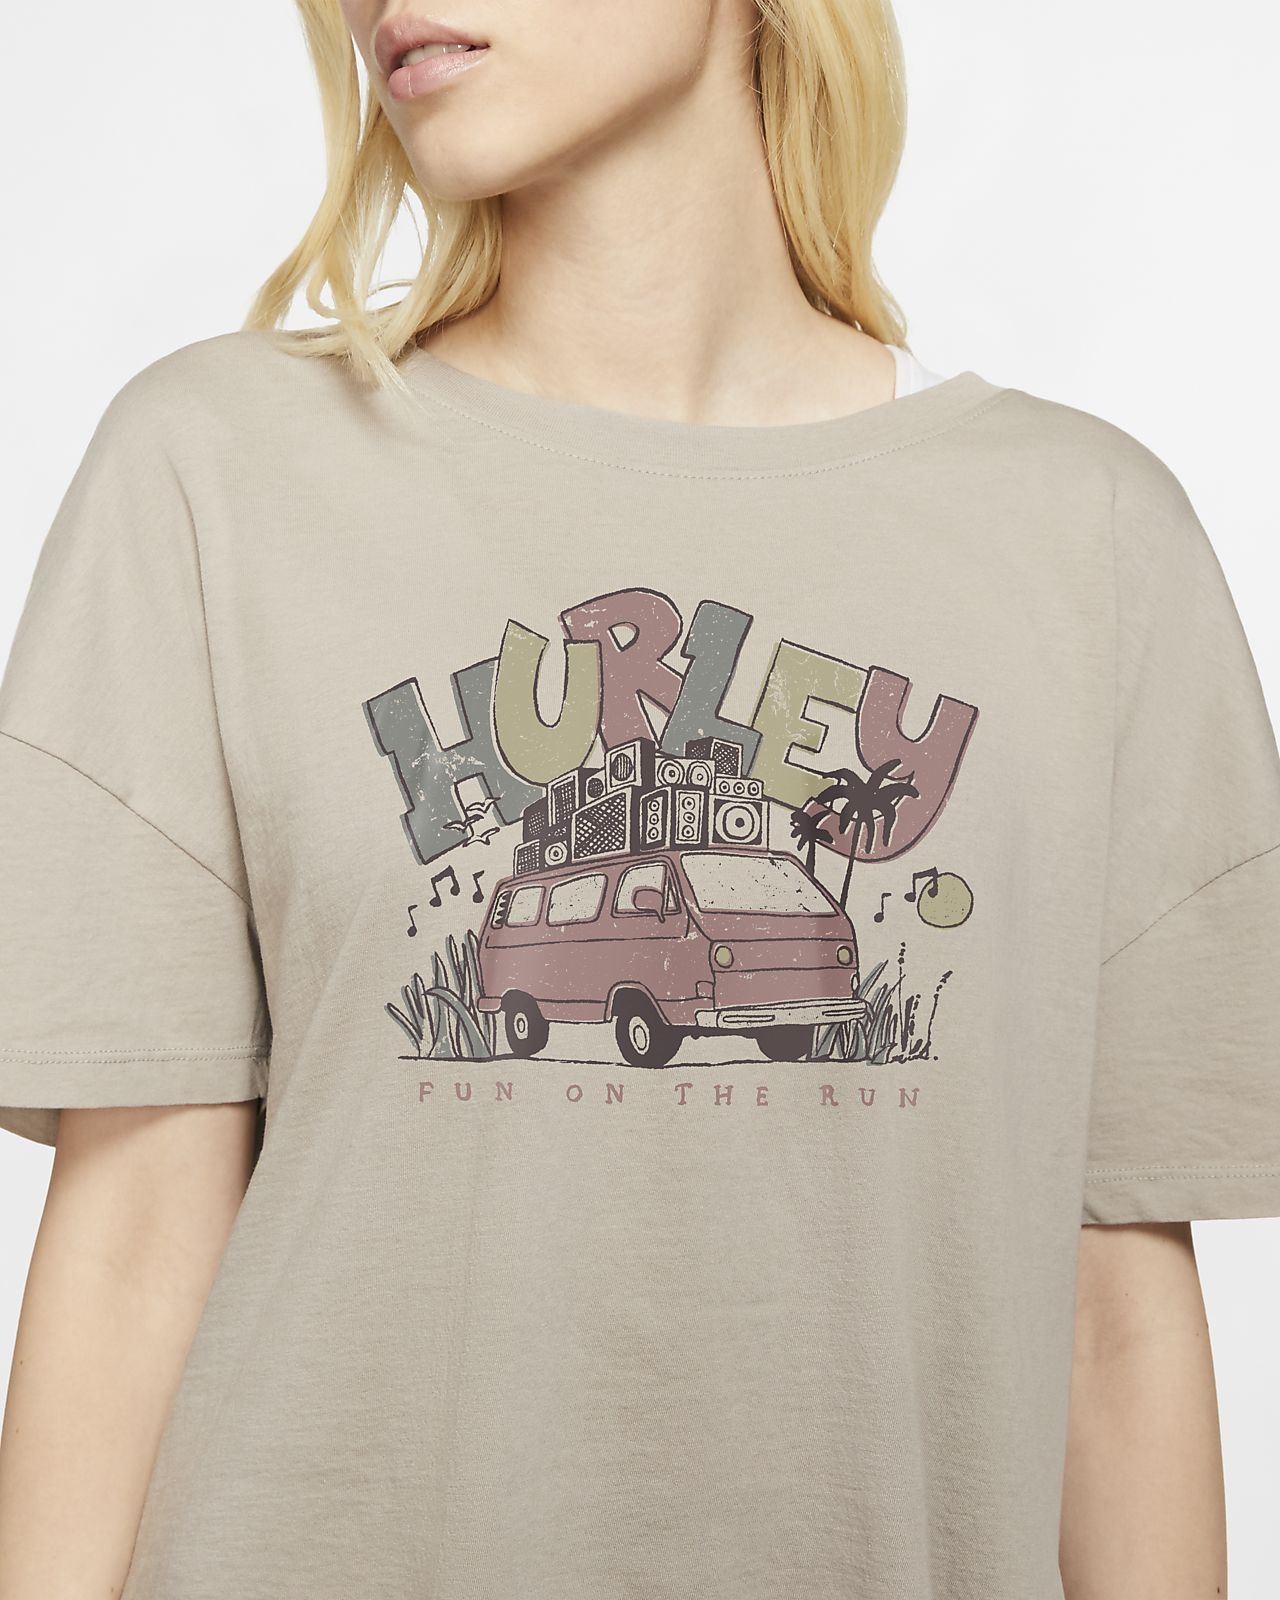 T-shirt Hurley Van Vibes Flouncy Tee para mulher